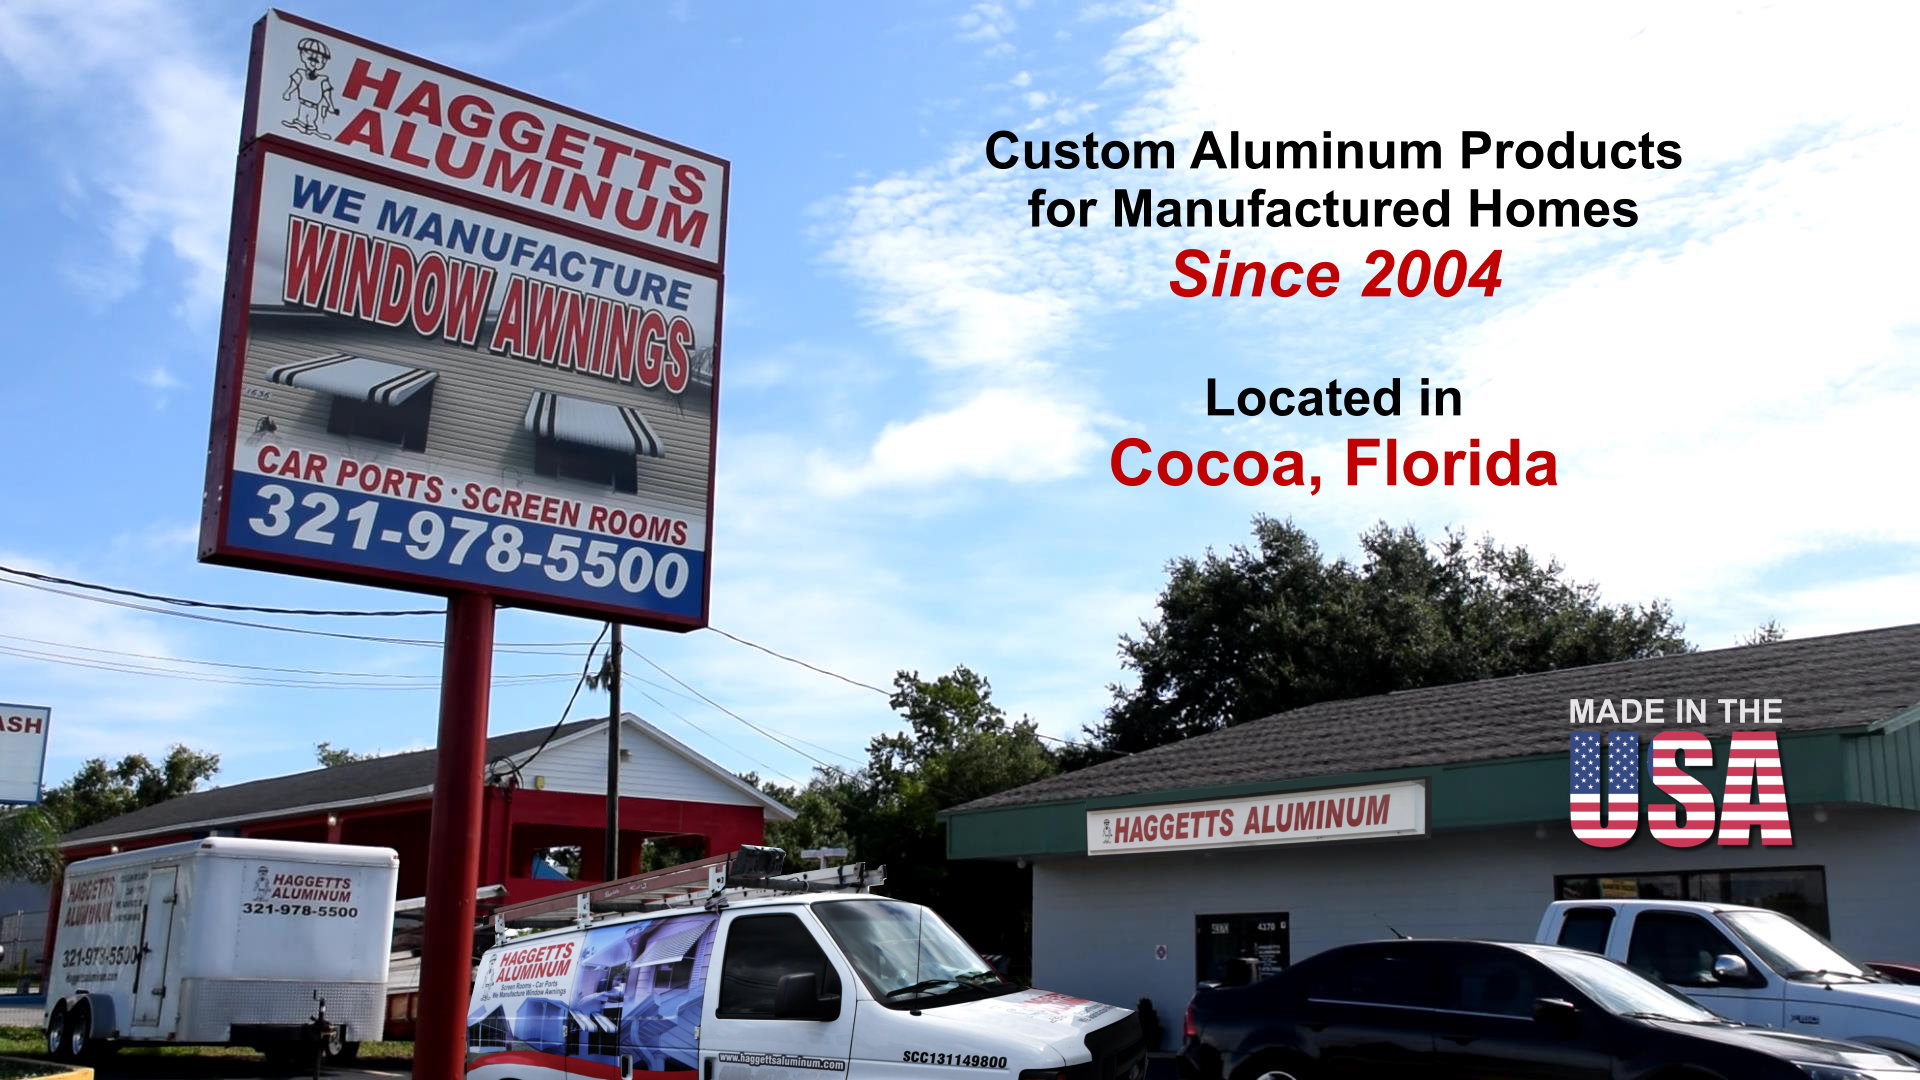 haggetts facility in cocoa florida